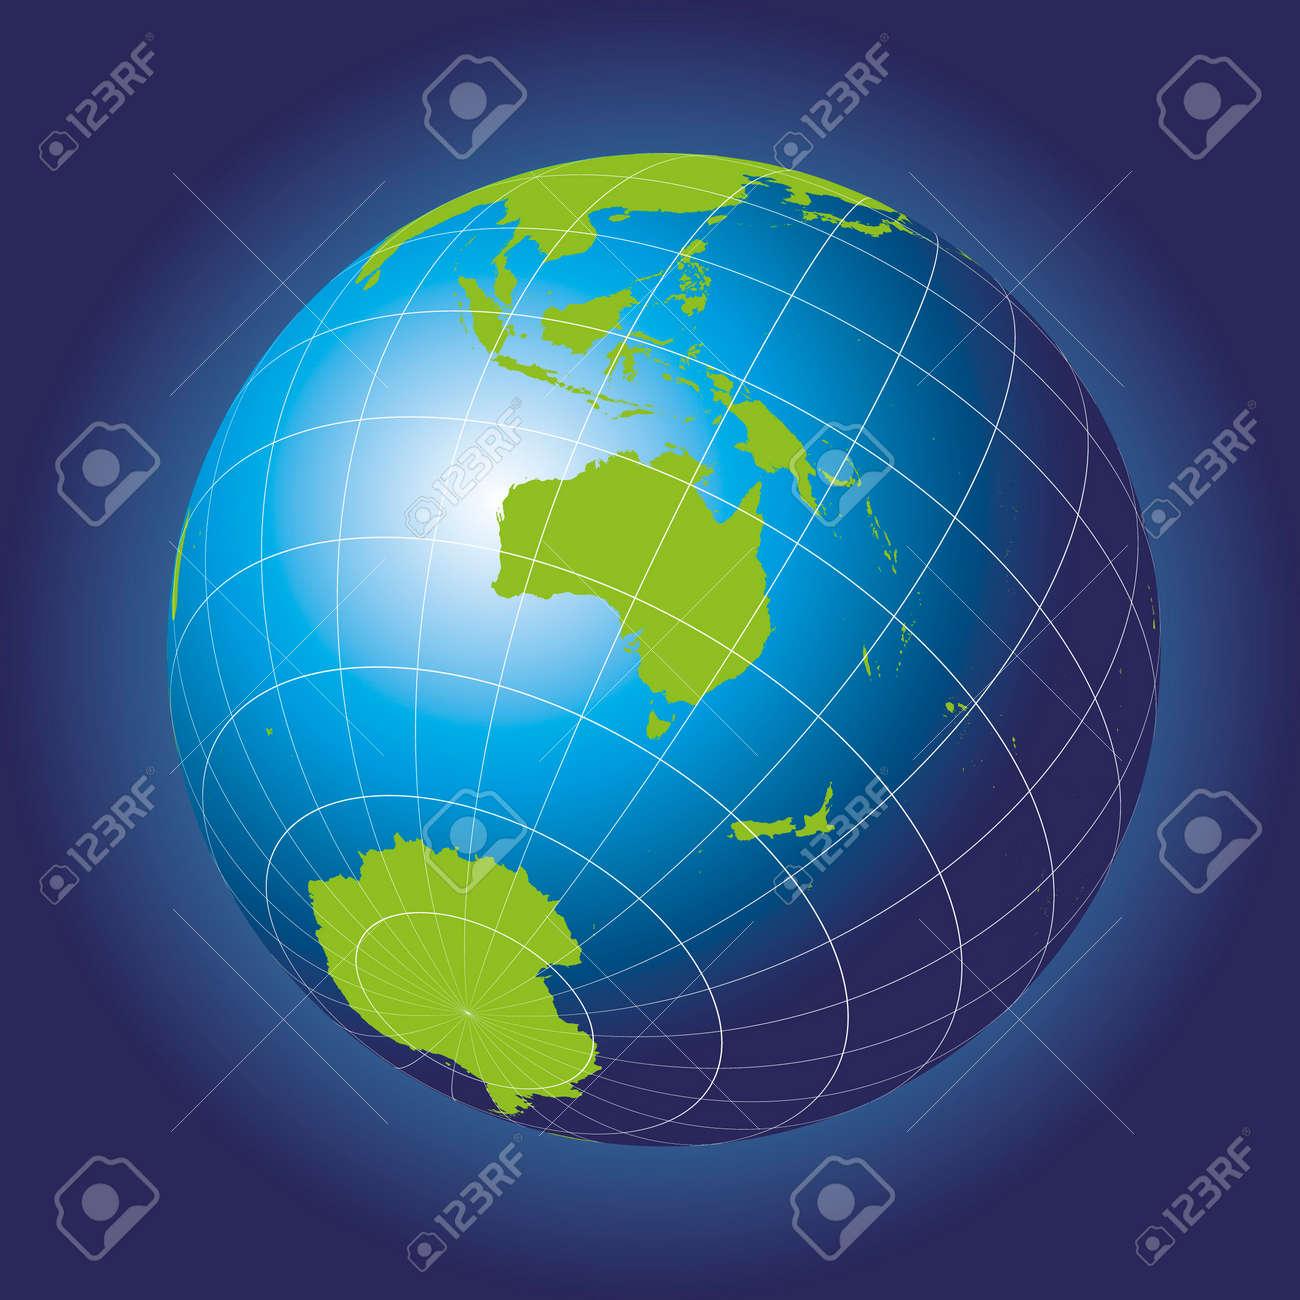 Carte Russie Australie.Carte De L Australie Asie La Russie L Antarctique Pole Nord Globe Terrestre